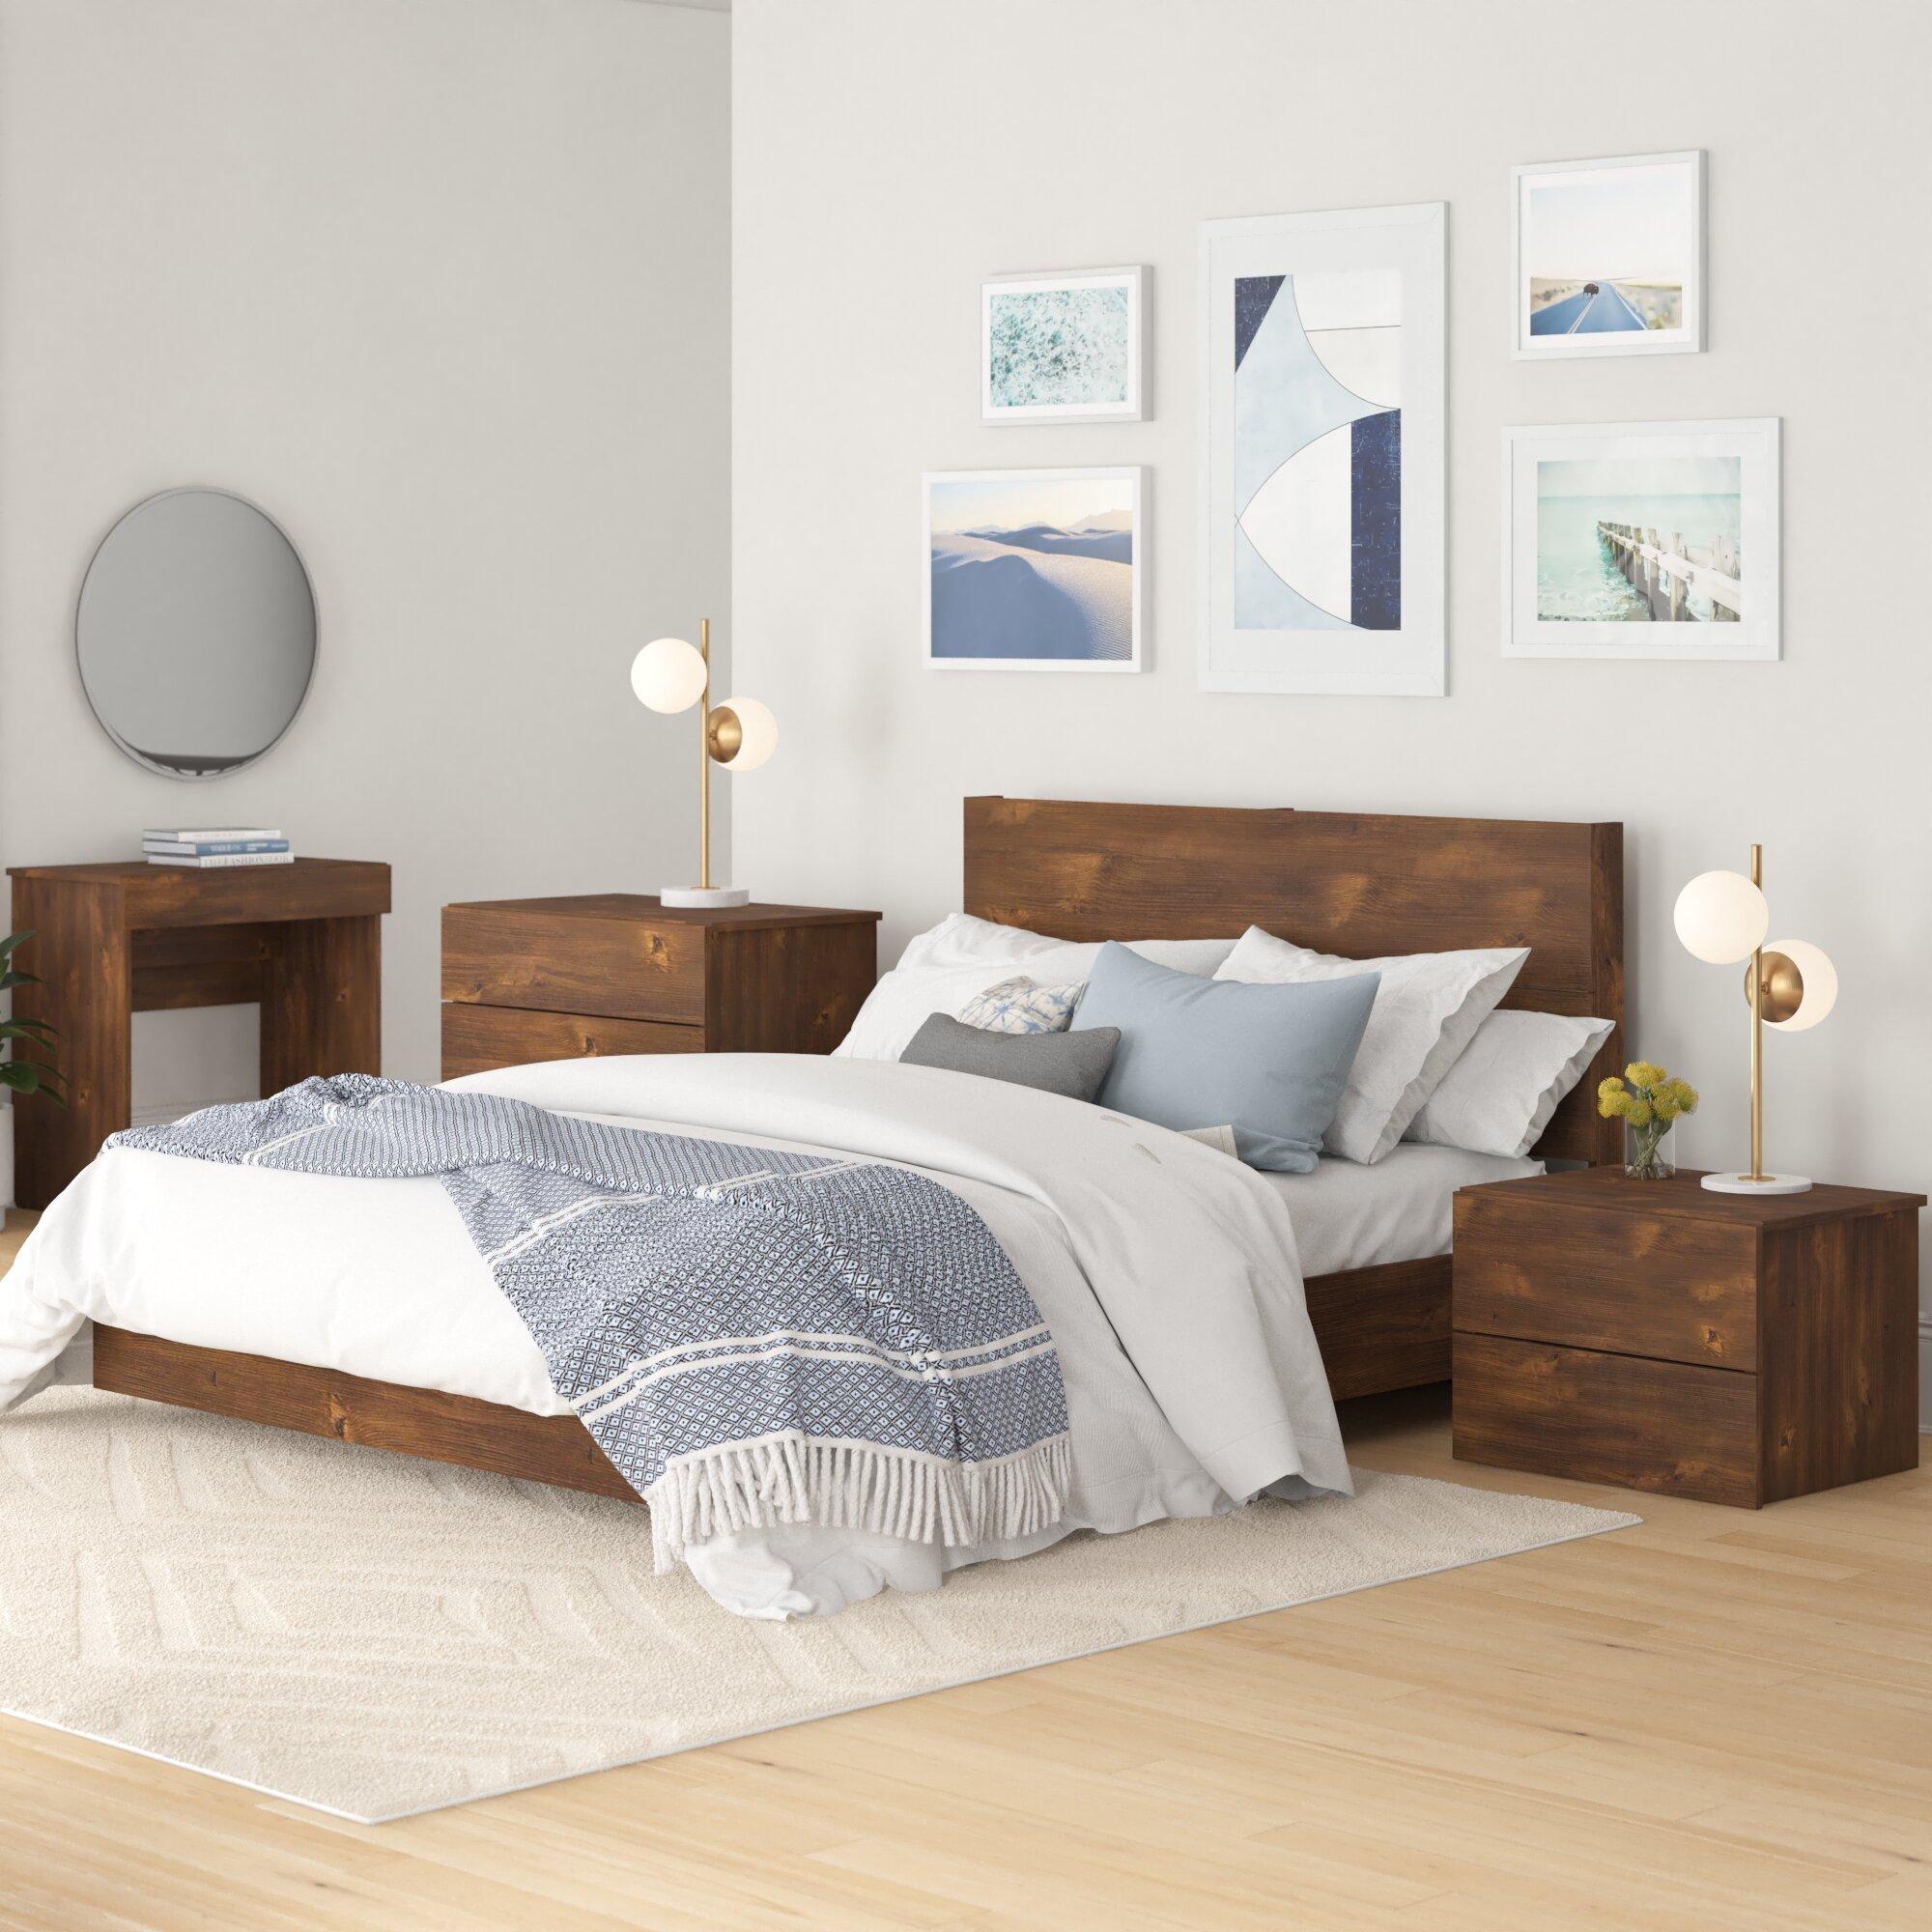 Bedroom Set Buying Guide  Wayfair